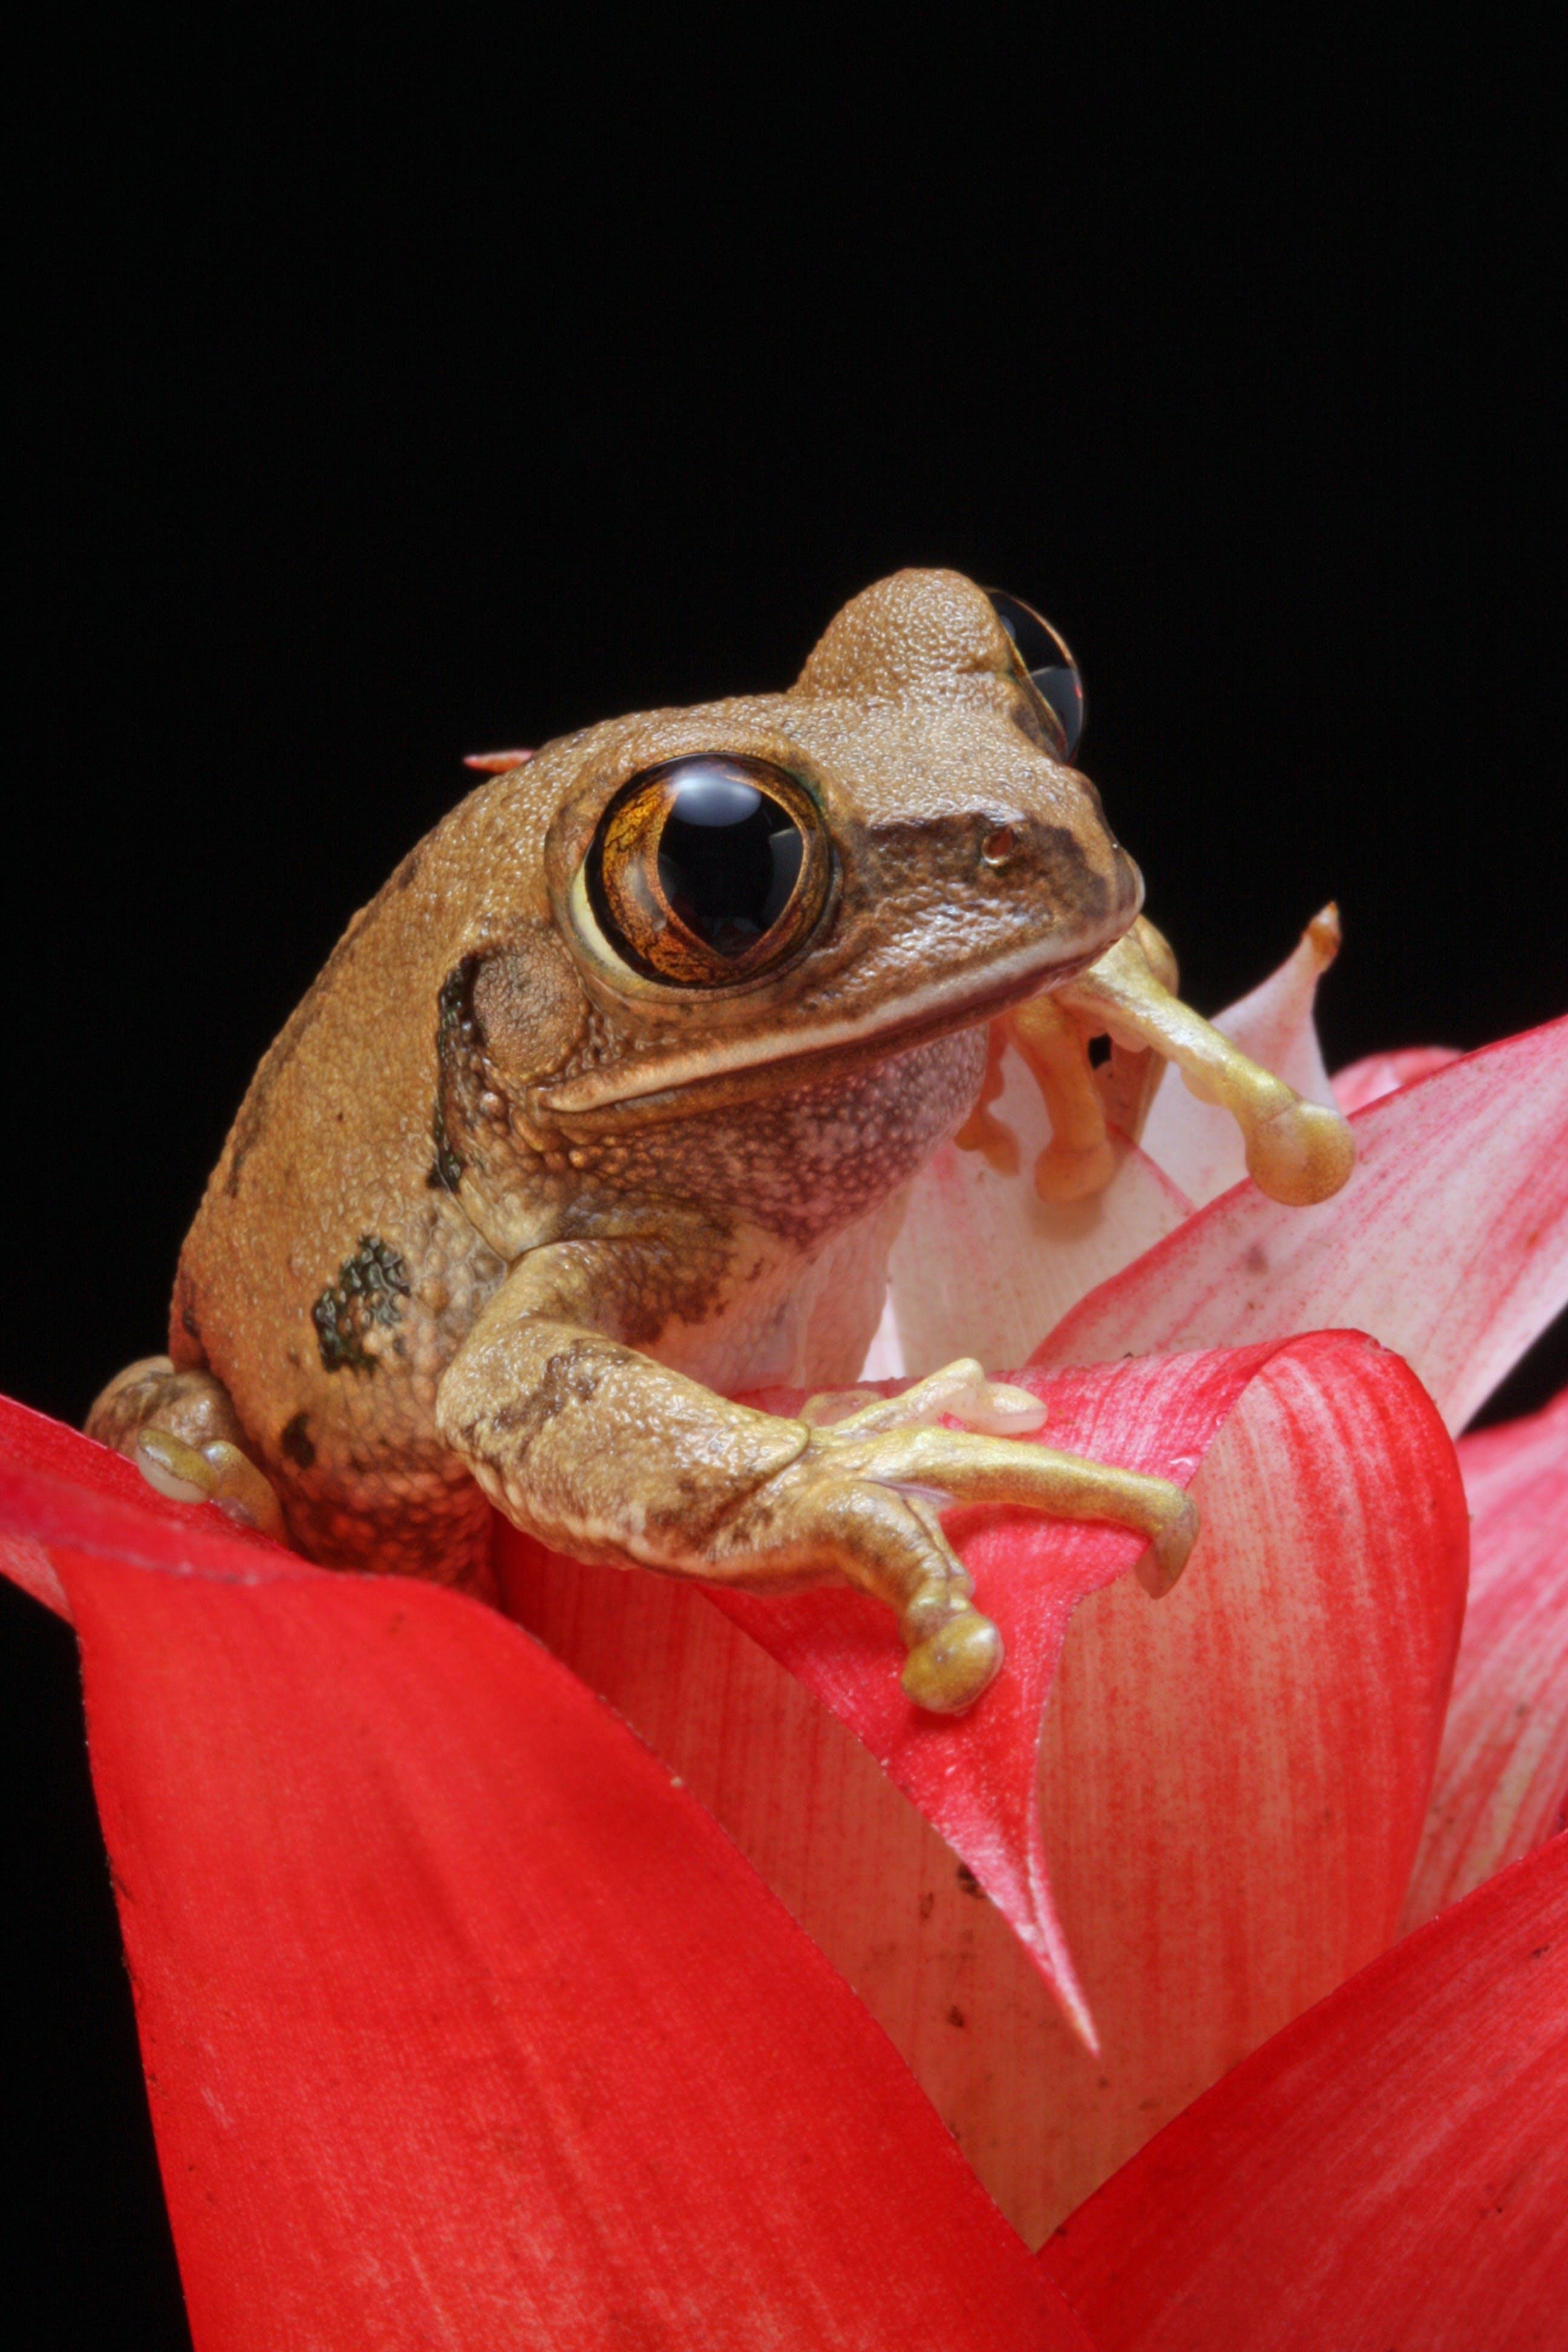 Brown Frog on Red Petal Flower